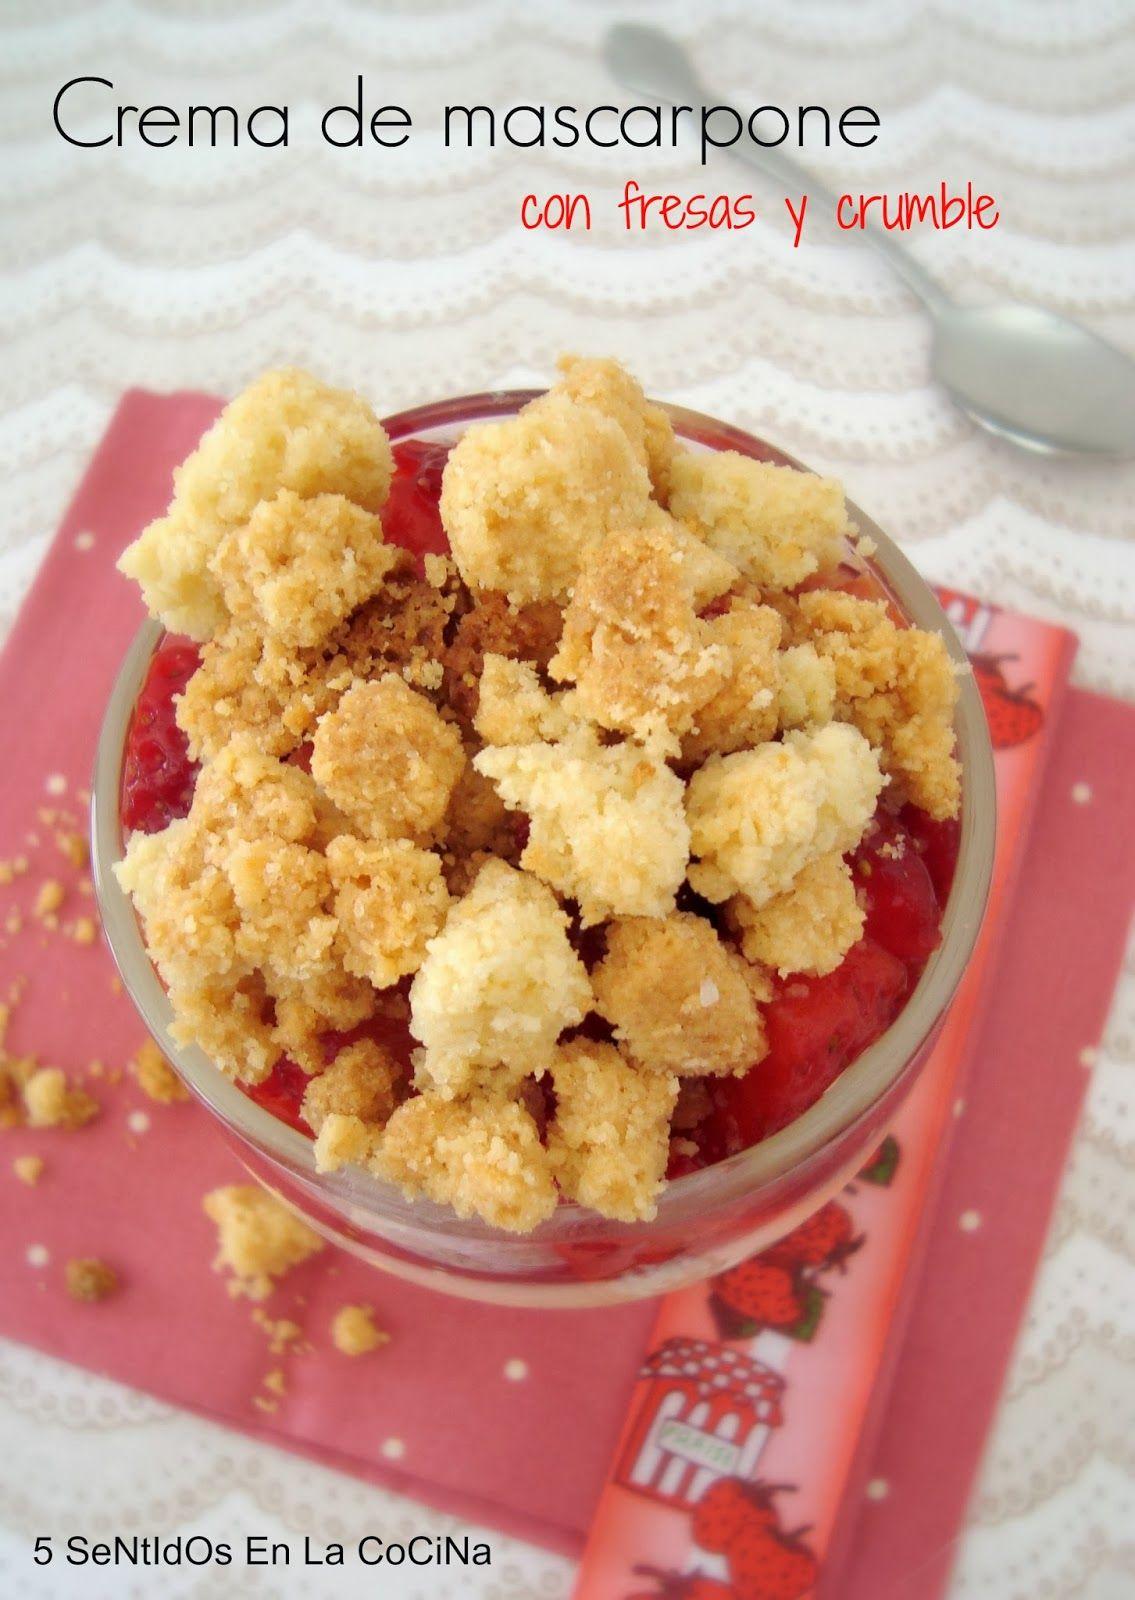 5 Sentidos en la cocina: Crema de mascarpone con fresas maceradas y crumble